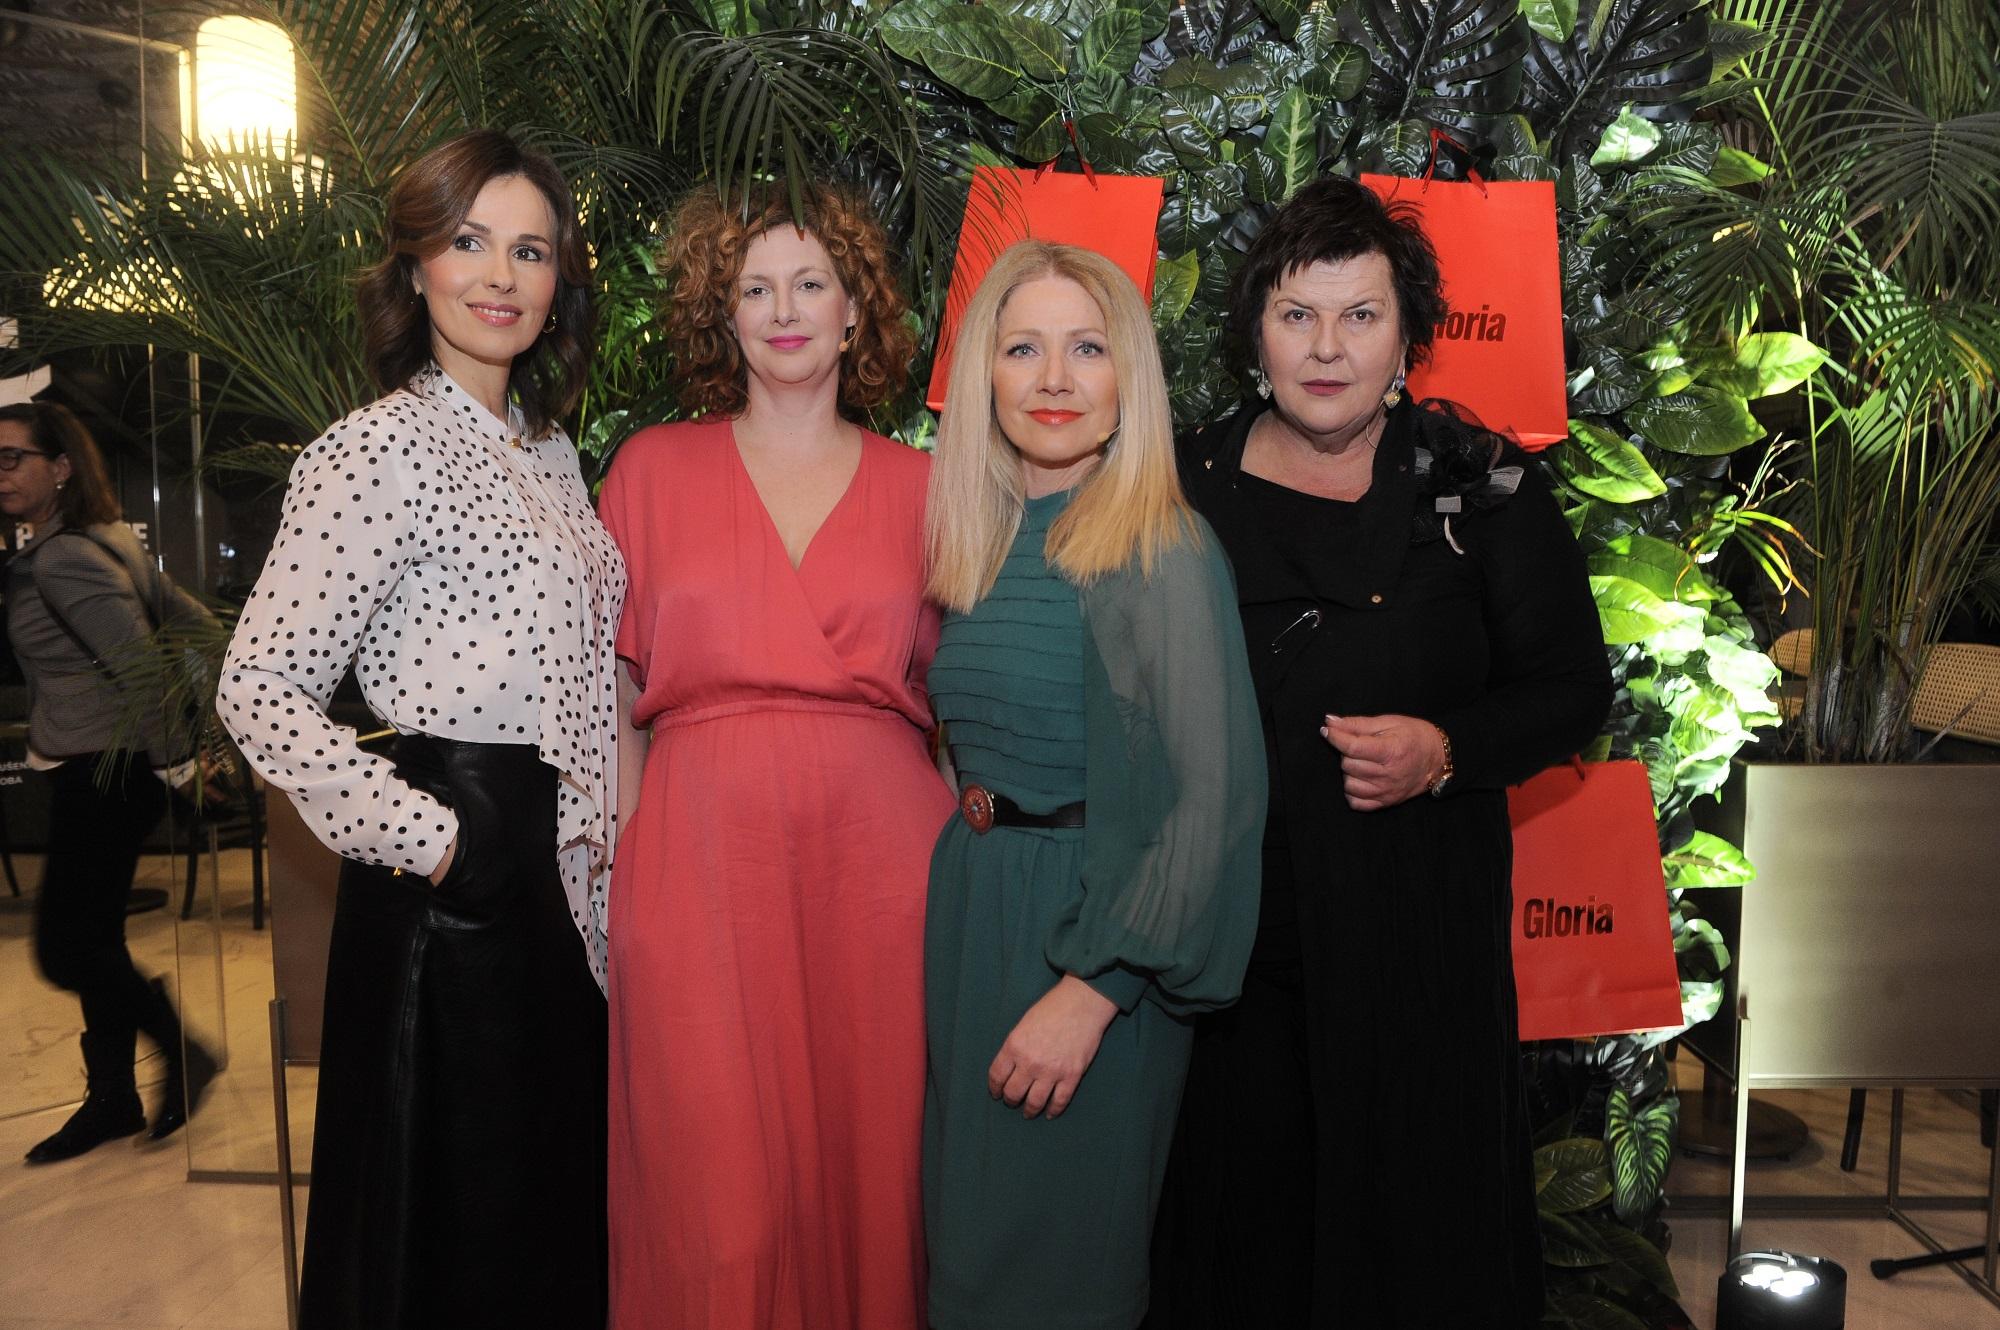 O svojim životnim iskustvima govorile su glumica Nina Violić, književnica i Glorijina kolumnistica Milana Vlaović Kovaček, odvjetnica Ljubica Matijević Vrsaljko, te Barbara Kolar kao moderatorica.